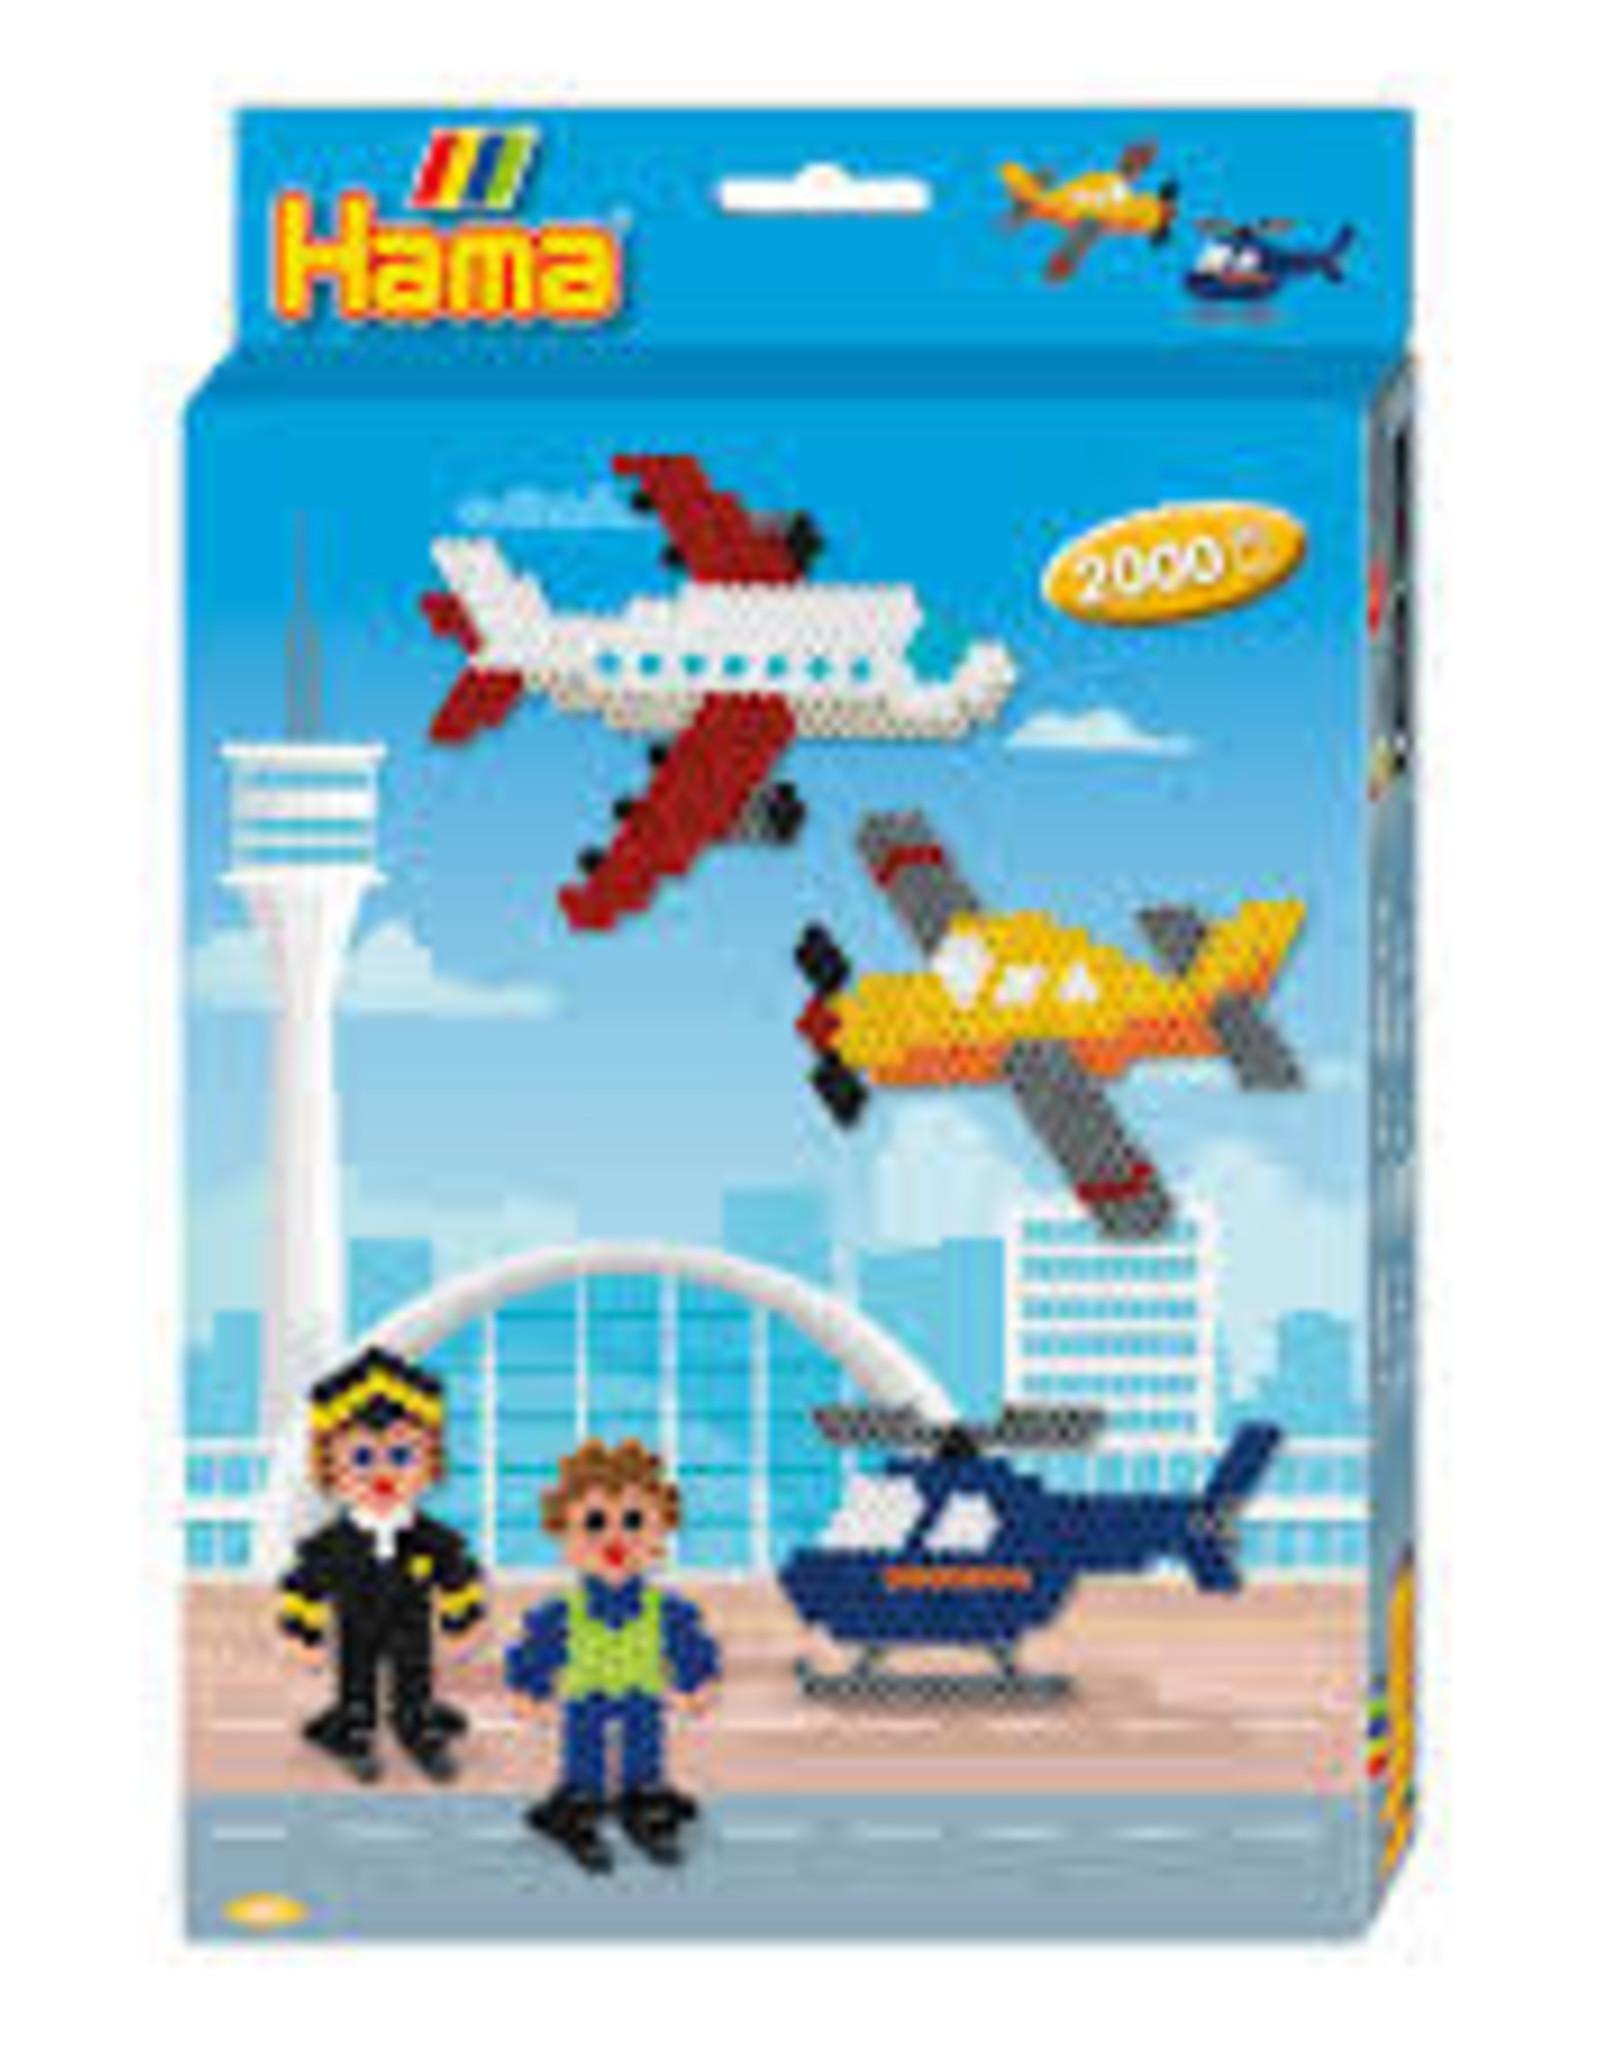 HAMA HAMA-AIRPORT